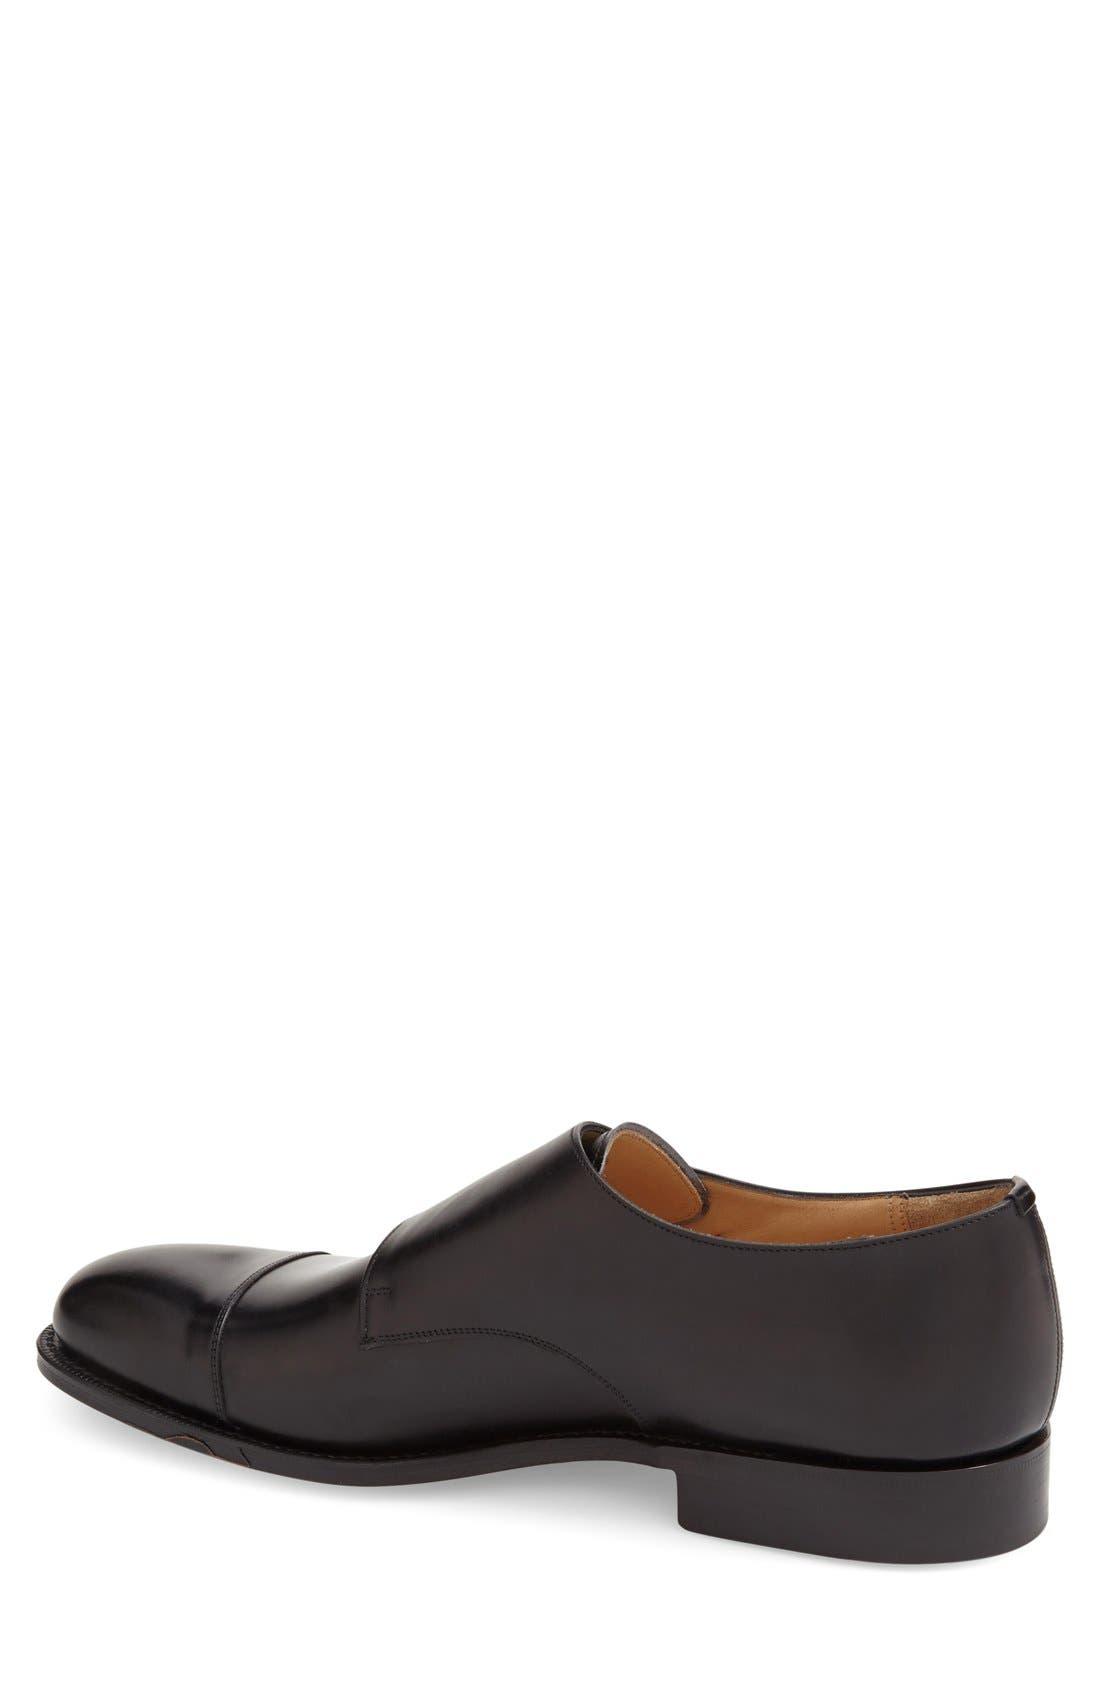 'Cowes' Double Monk Strap Shoe,                             Alternate thumbnail 2, color,                             001